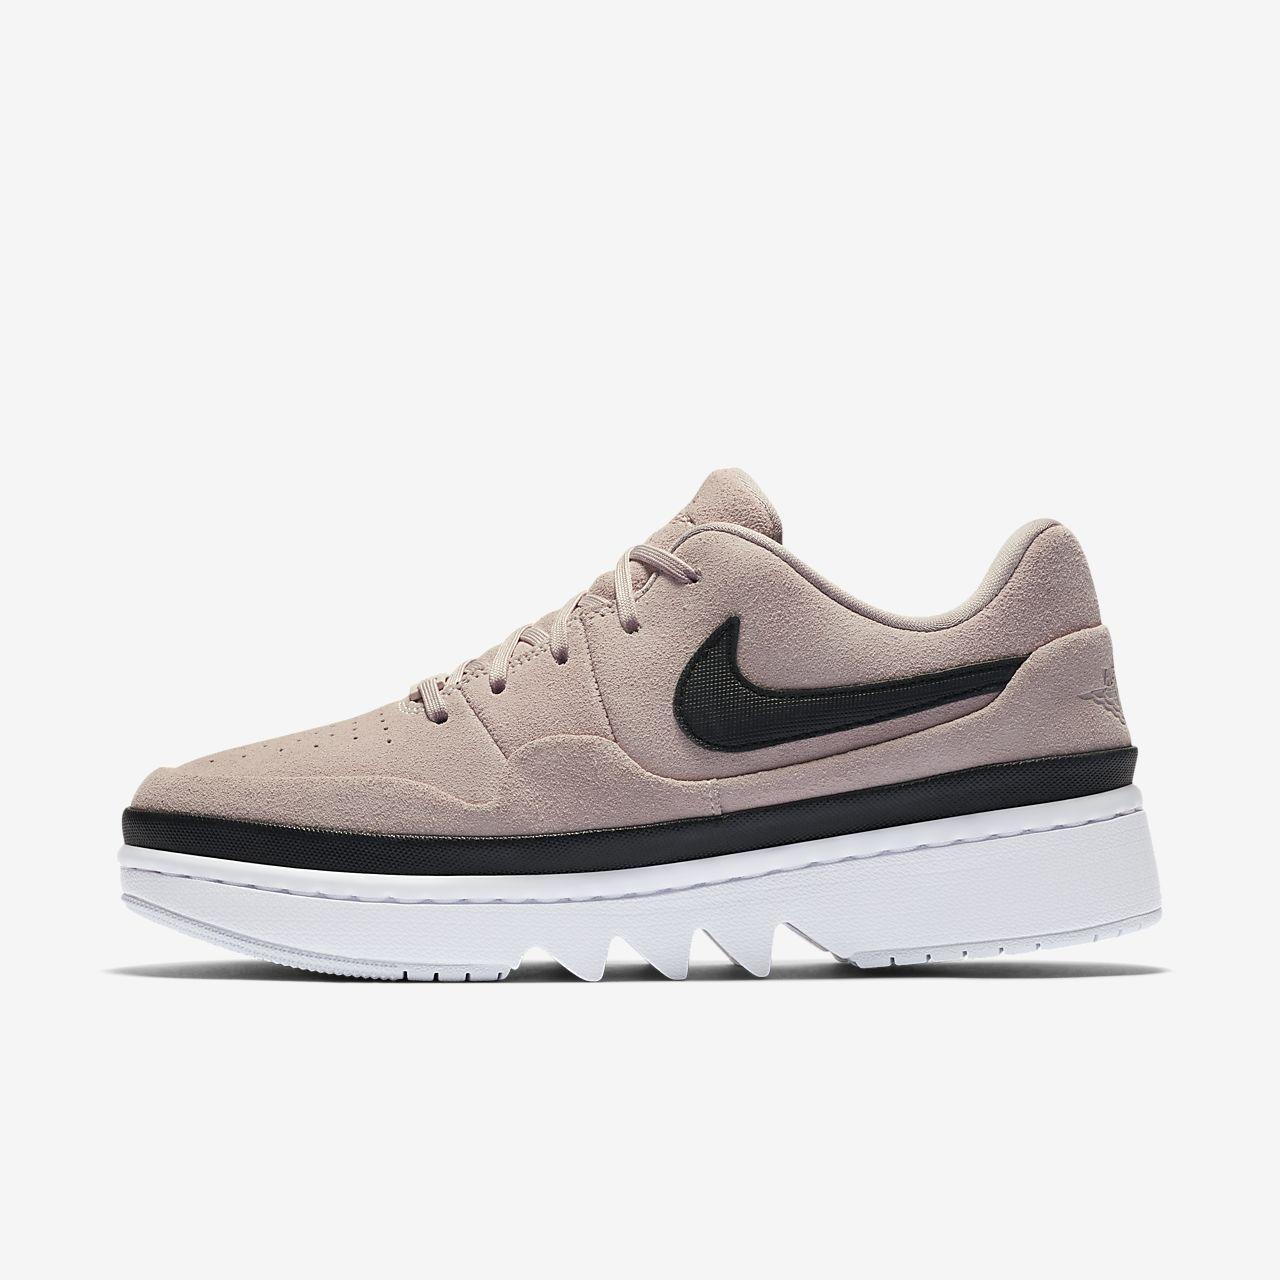 รองเท้าผู้หญิง Air Jordan 1 Jester XX Low Laced